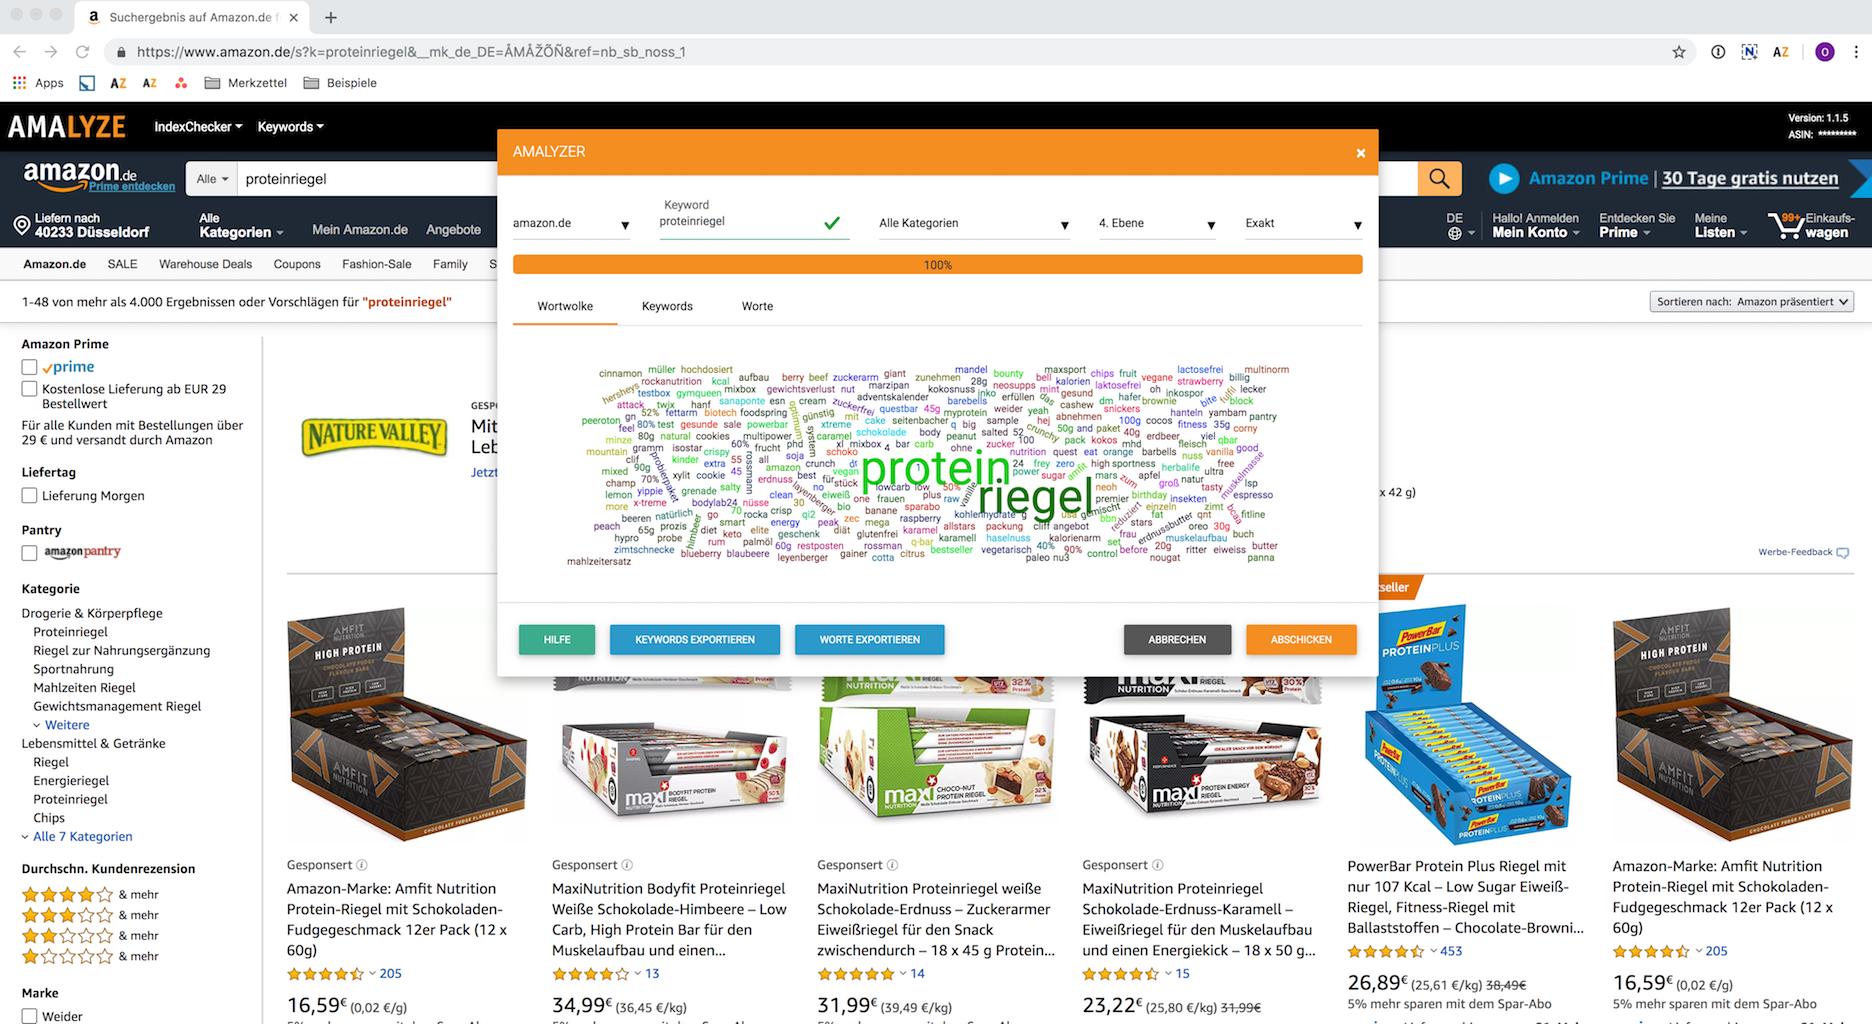 Turorial_Keyword Amalyzer Funktion und Anwendung Keywords aus Amazon Suggest abfragen